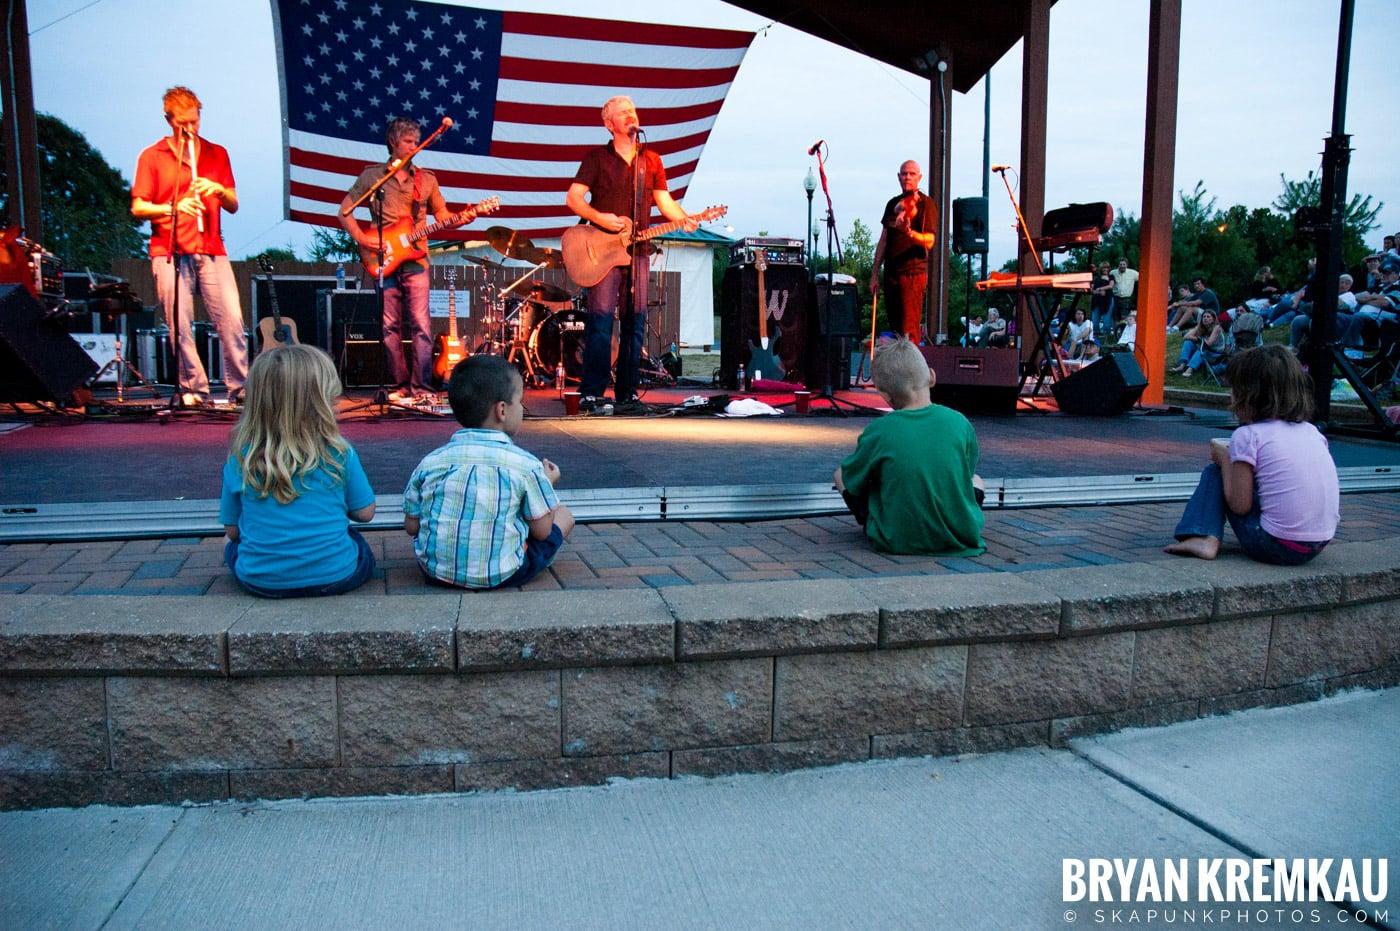 The Young Dubliners @ Burlington County Amphitheater, Burlington, NJ - 8.19.07 (12)